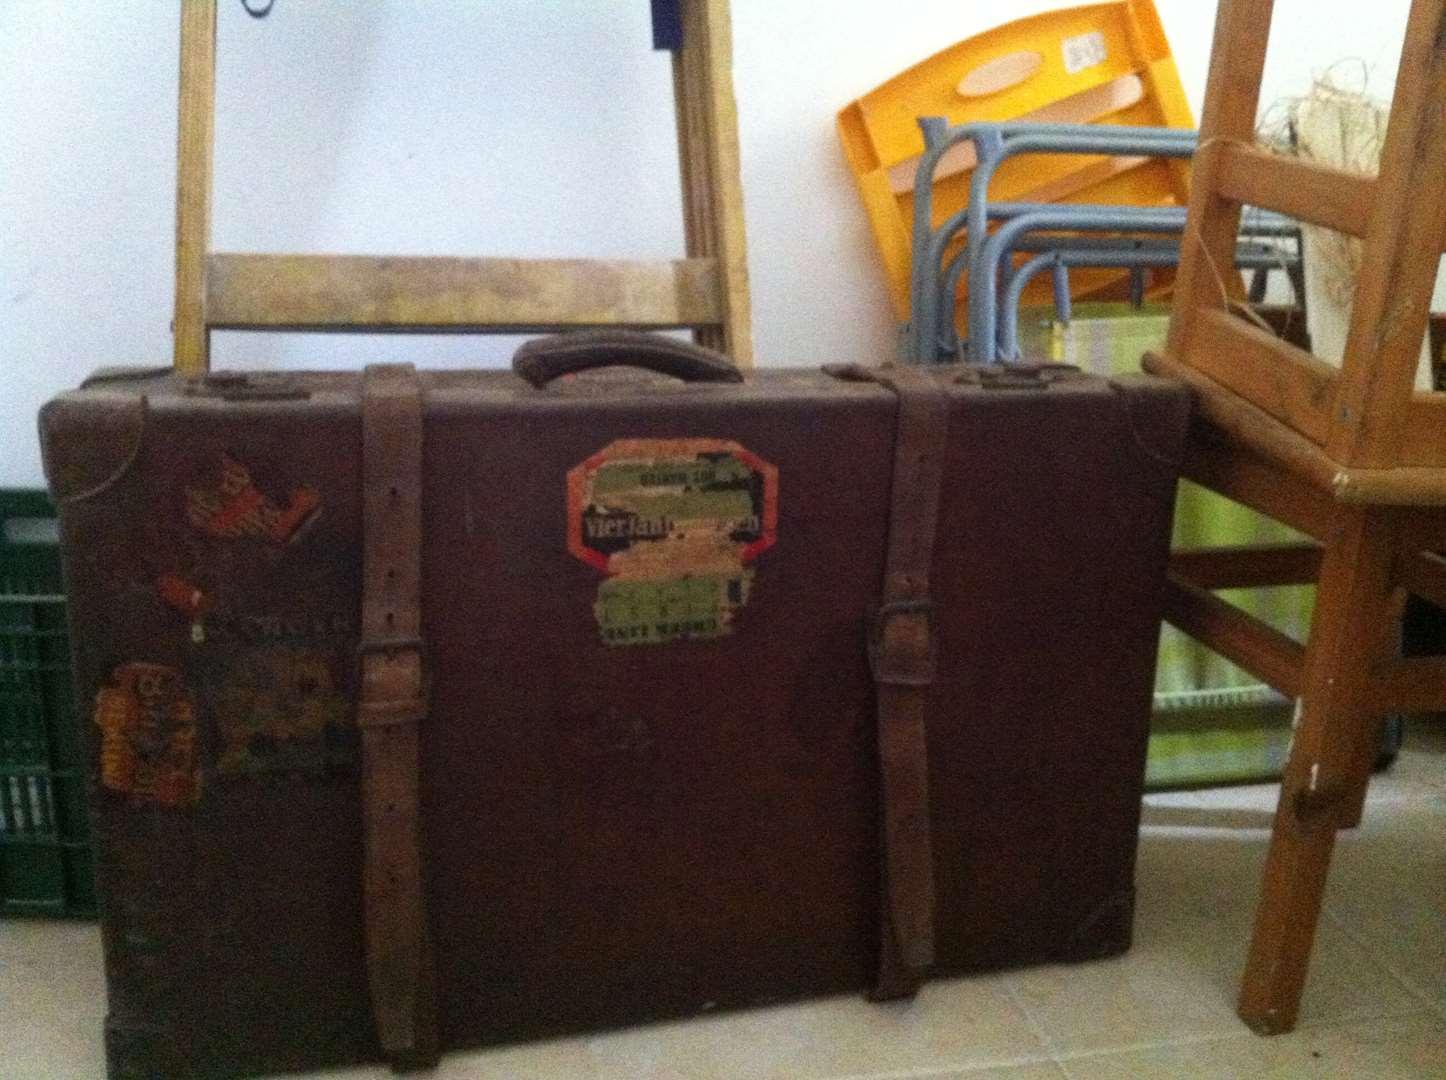 אספנות - מזוודות וקופסאות